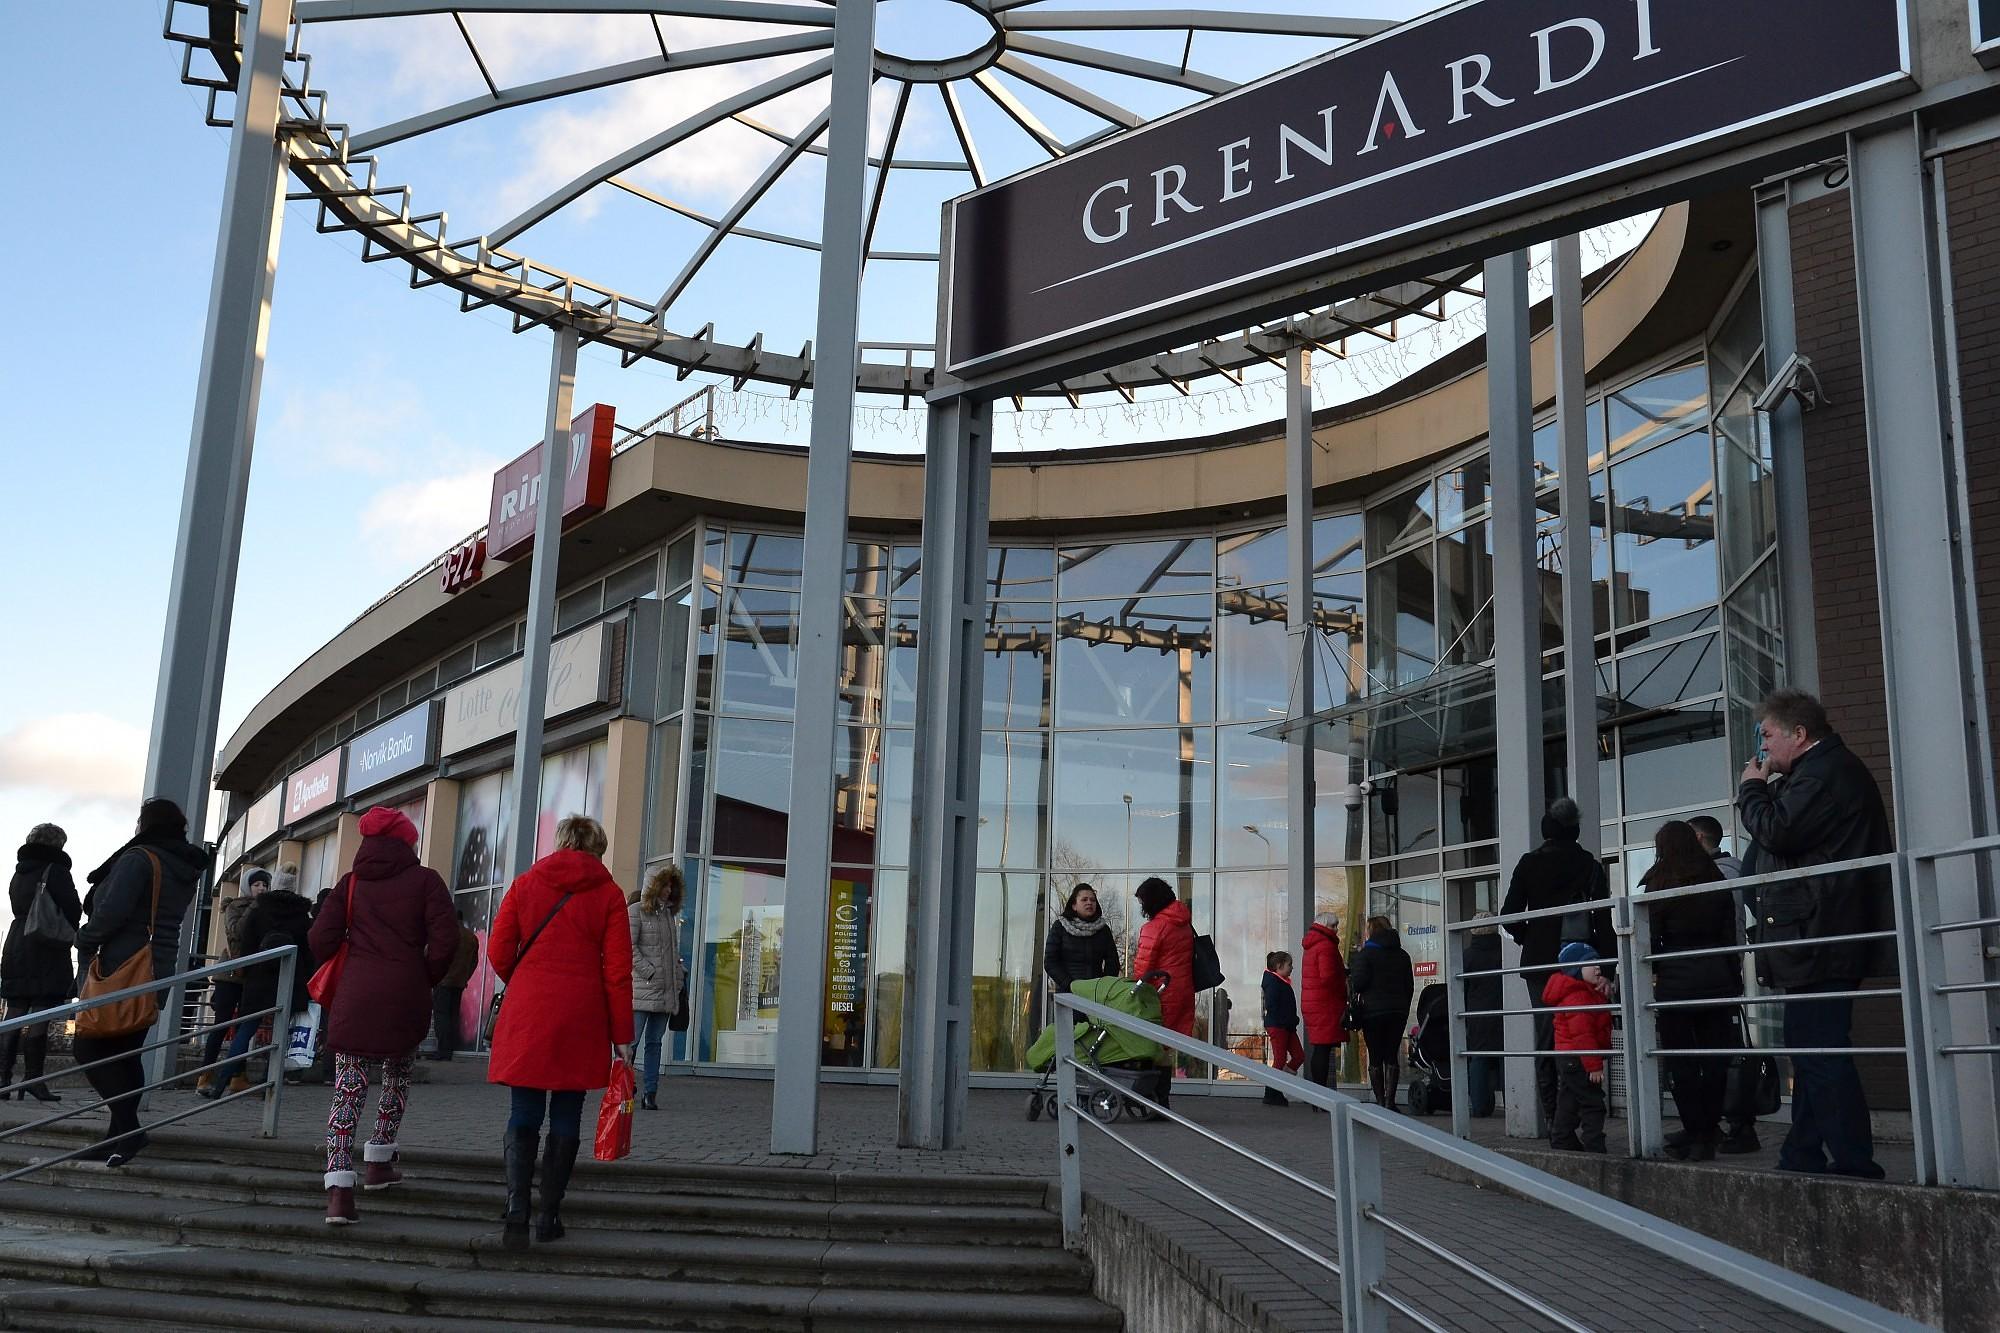 «Rimi Latvia»: тревожная сигнализация в торговом центре «Ostmala» сработала по ошибке